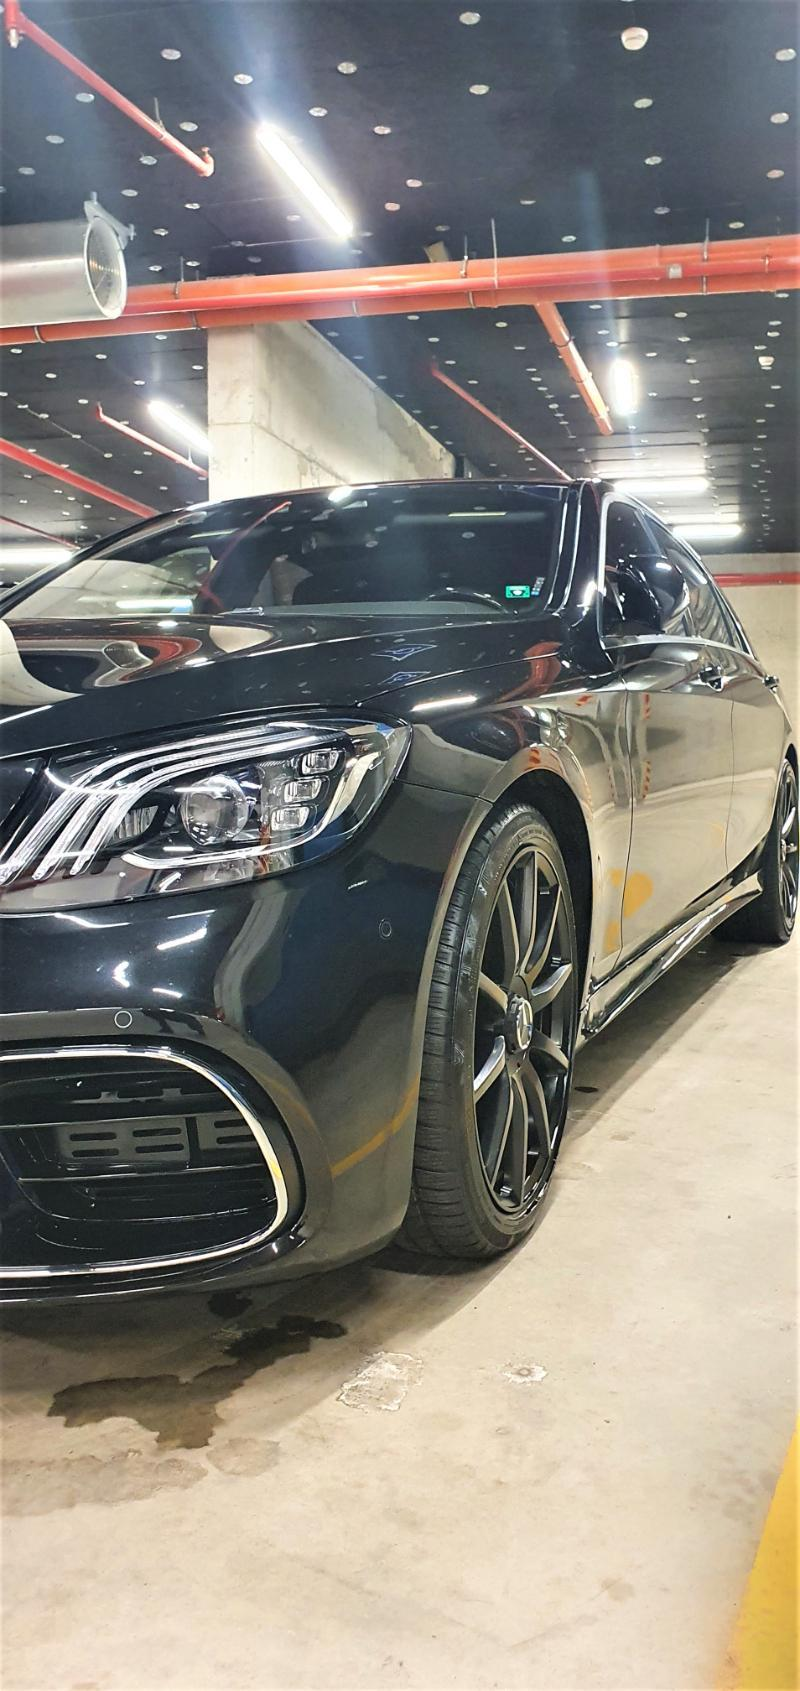 Mercedes-Benz S 500 - image 3